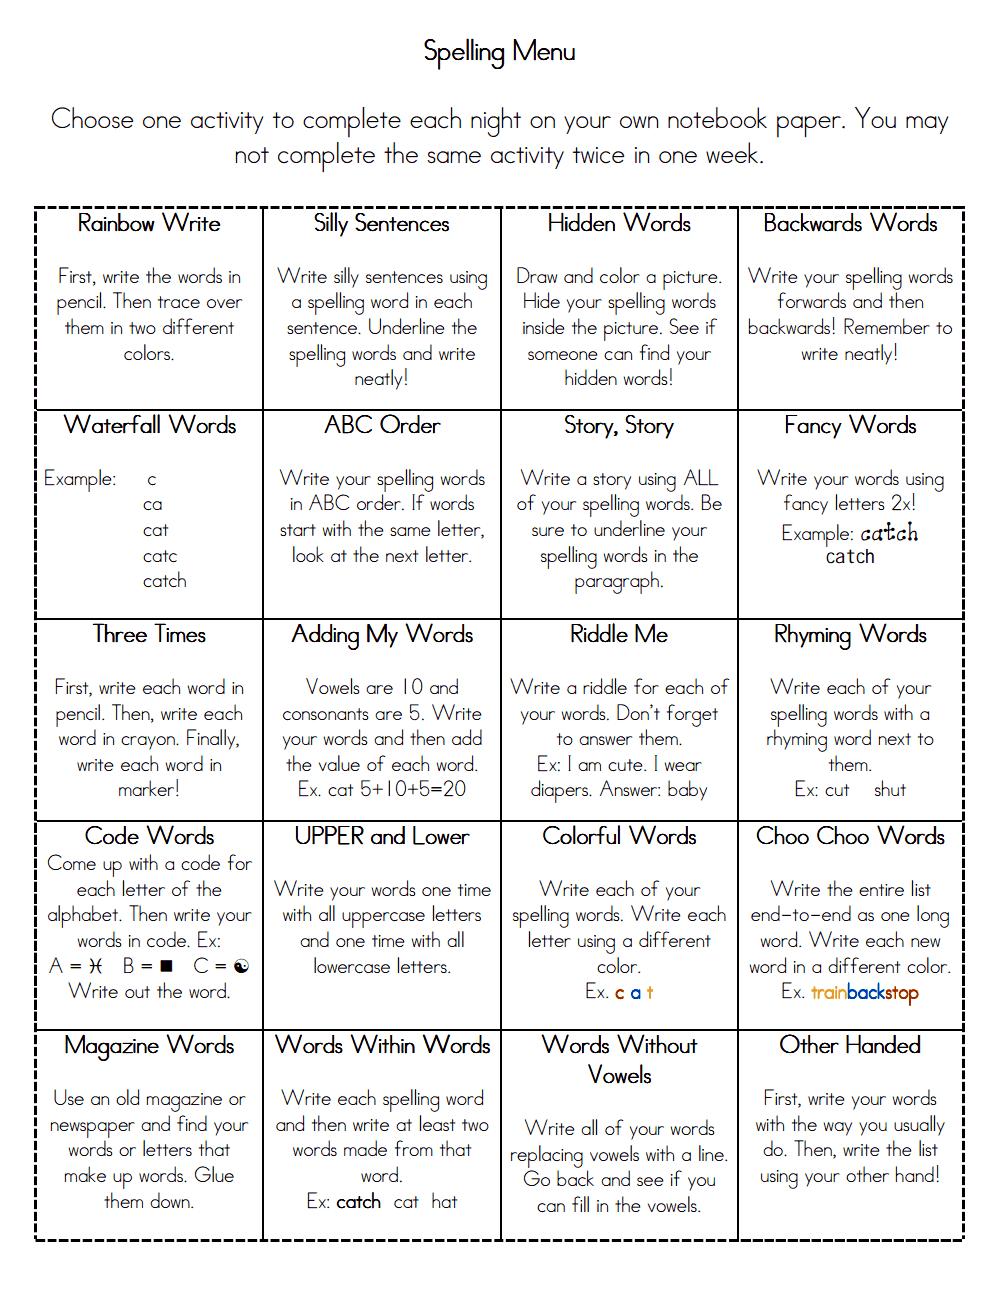 Spelling Menu.pdf Spelling word activities, Teaching